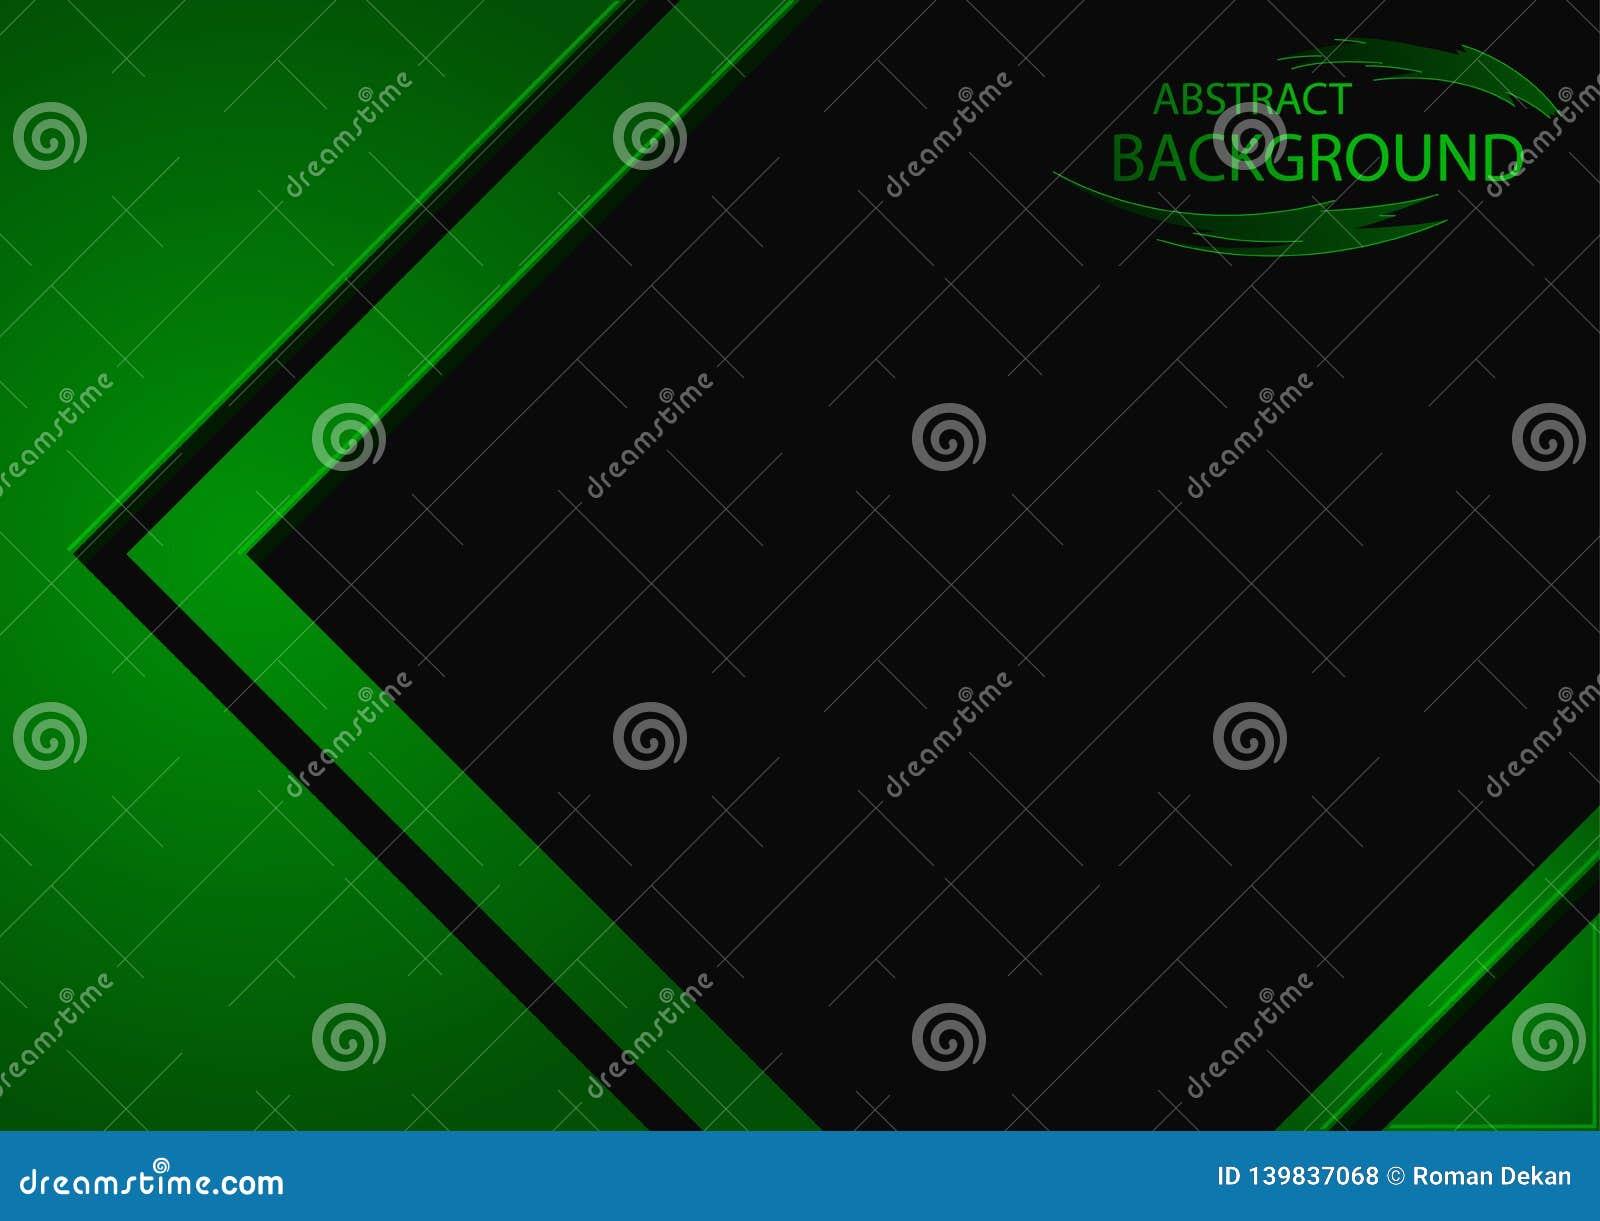 Fondo abstracto con los elementos geométricos verdes